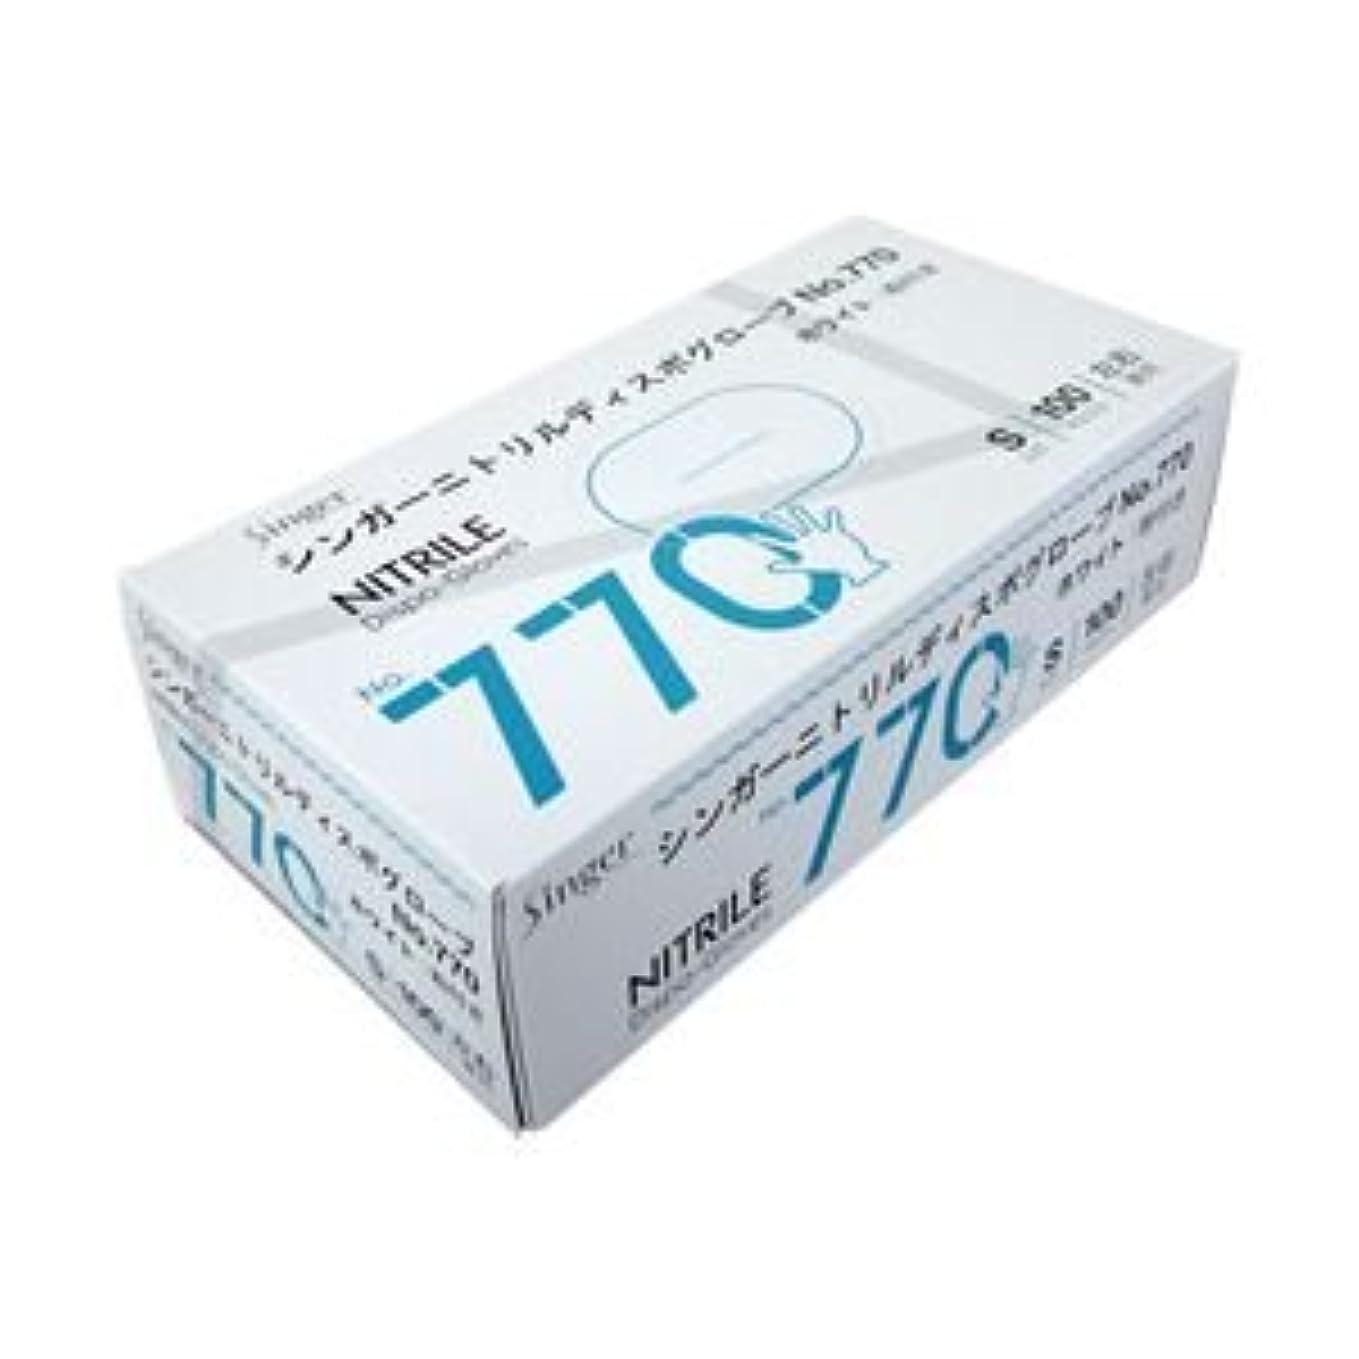 整理するバルク汚れる(業務用セット) 宇都宮製作 ニトリル手袋770 粉付き S 1箱(100枚) 【×5セット】 dS-1641916